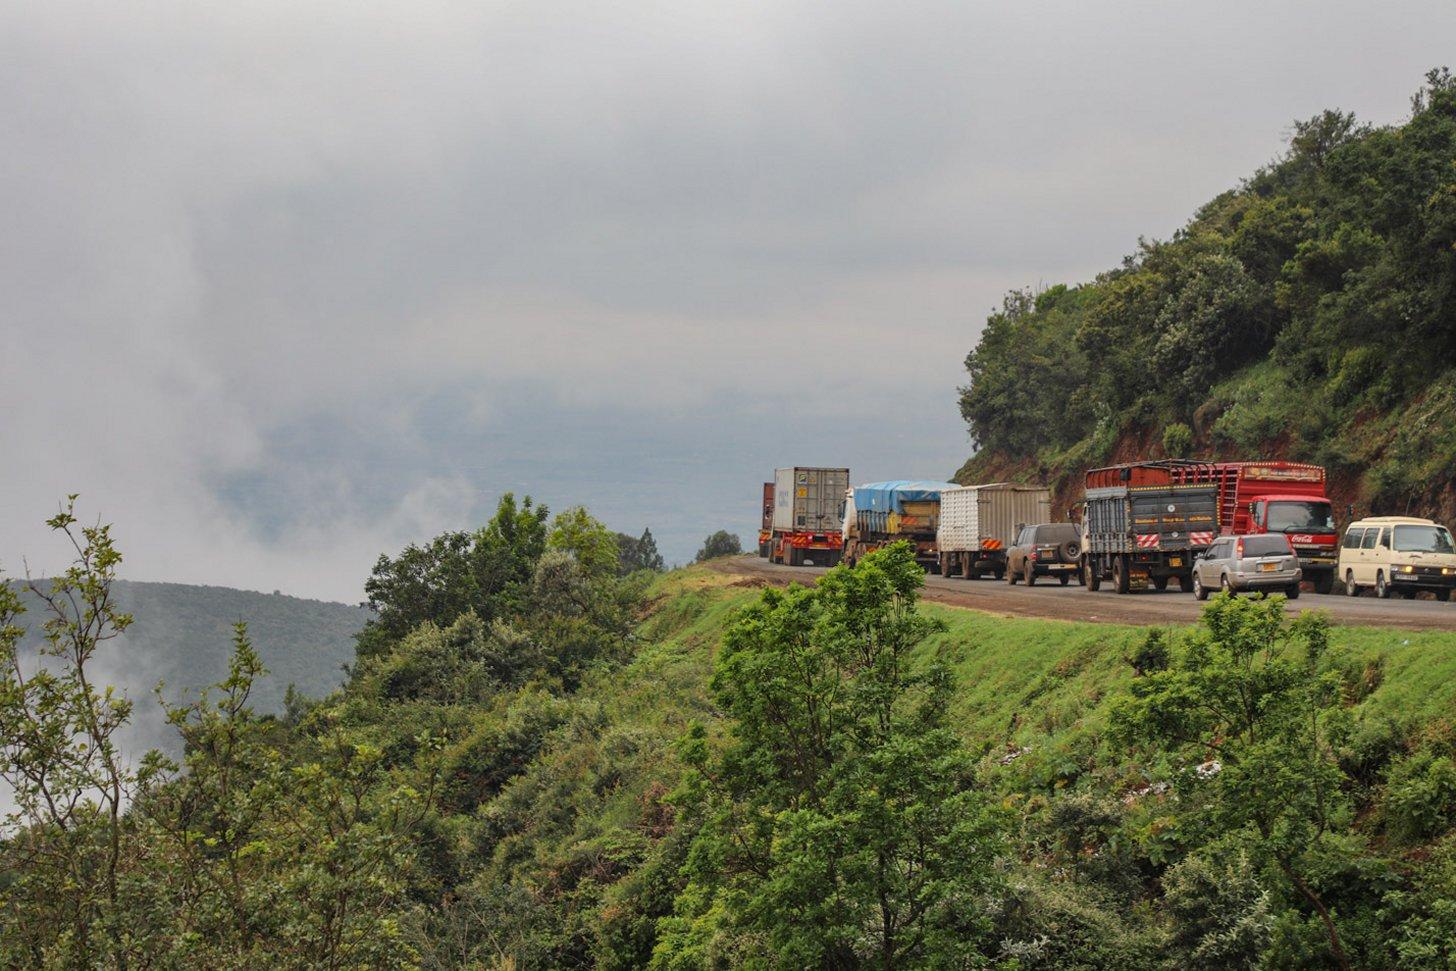 Drukte op de weg in Kenia. Het is aanschuiven zo.